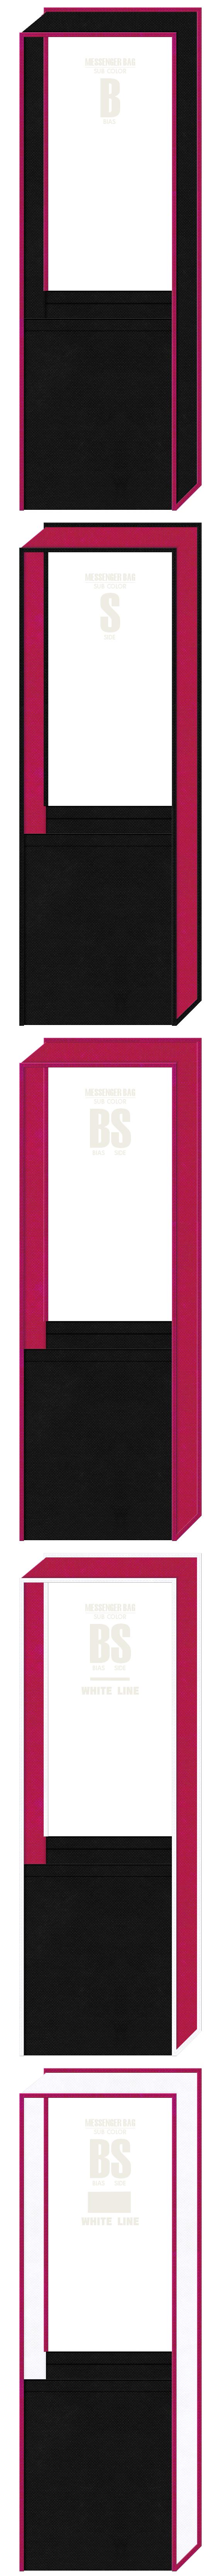 不織布メッセンジャーバッグのカラーシミュレーション(黒色・濃ピンク色・白色):スポーツイベントにお奨めです。